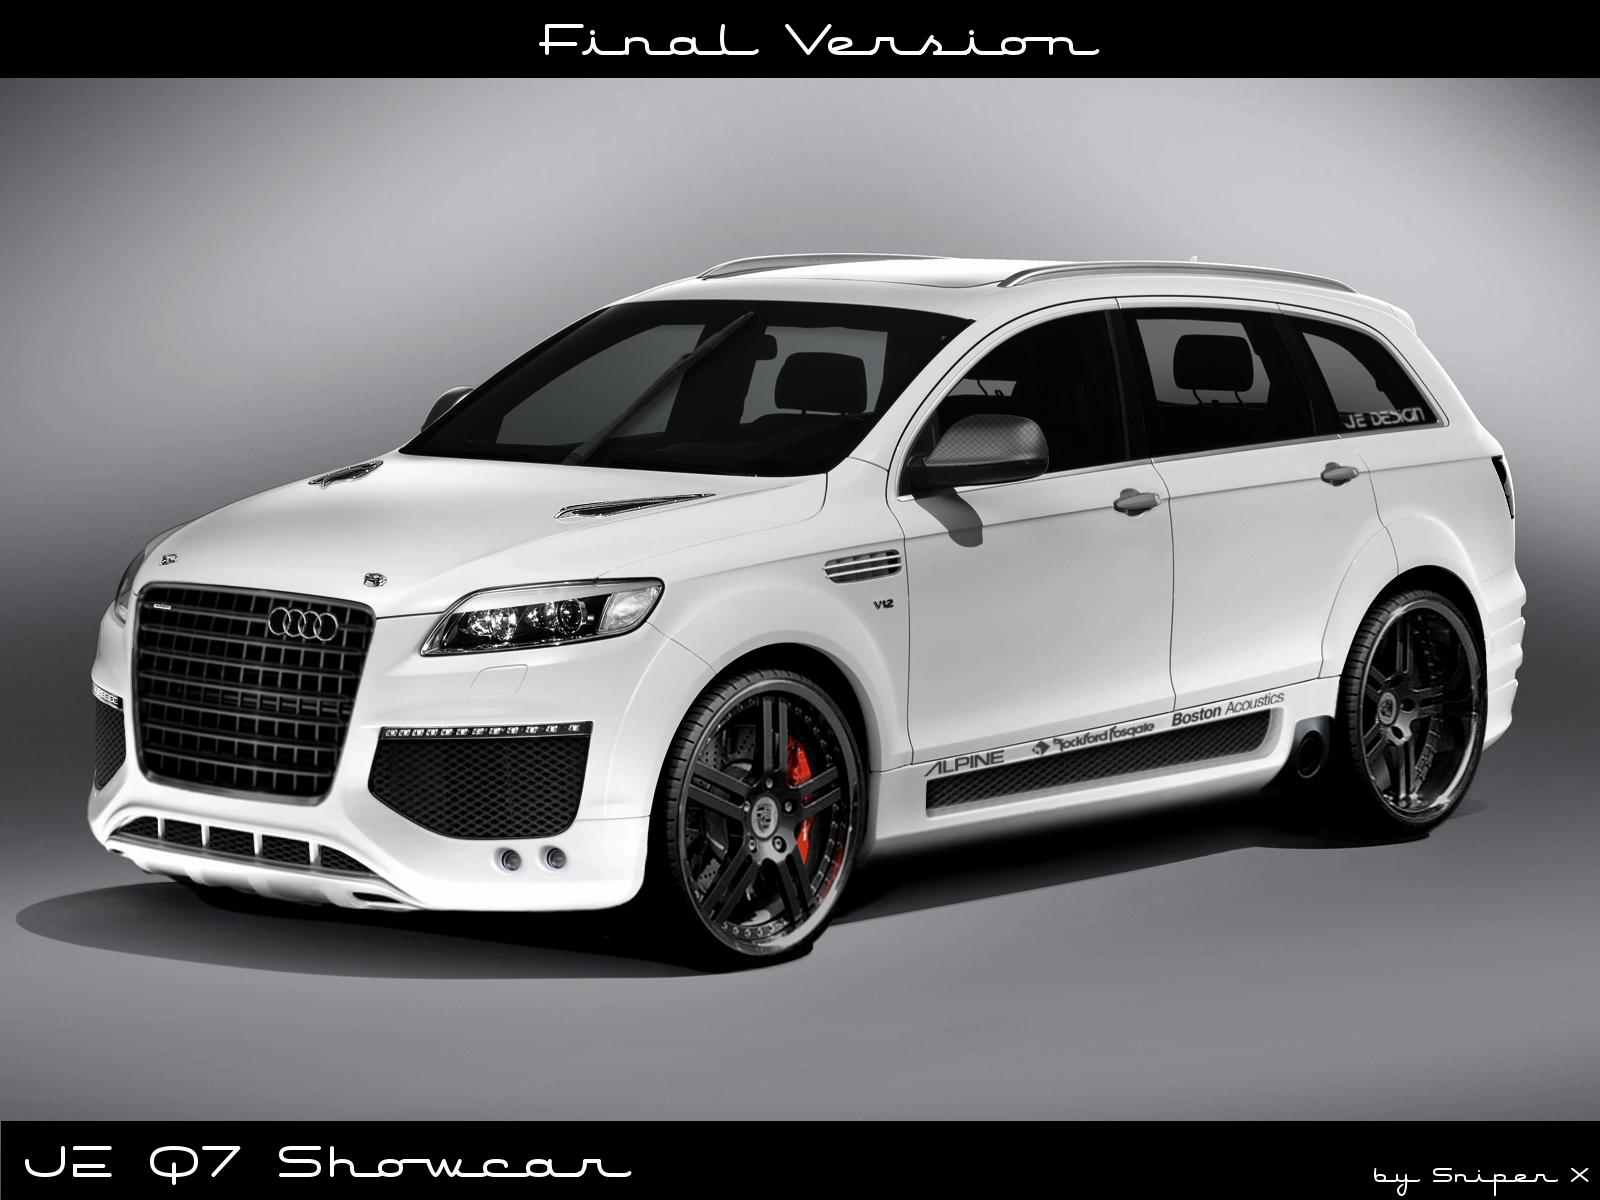 Audi Q7 V 12 Tdi Pagenstecher De Deine Automeile Im Netz